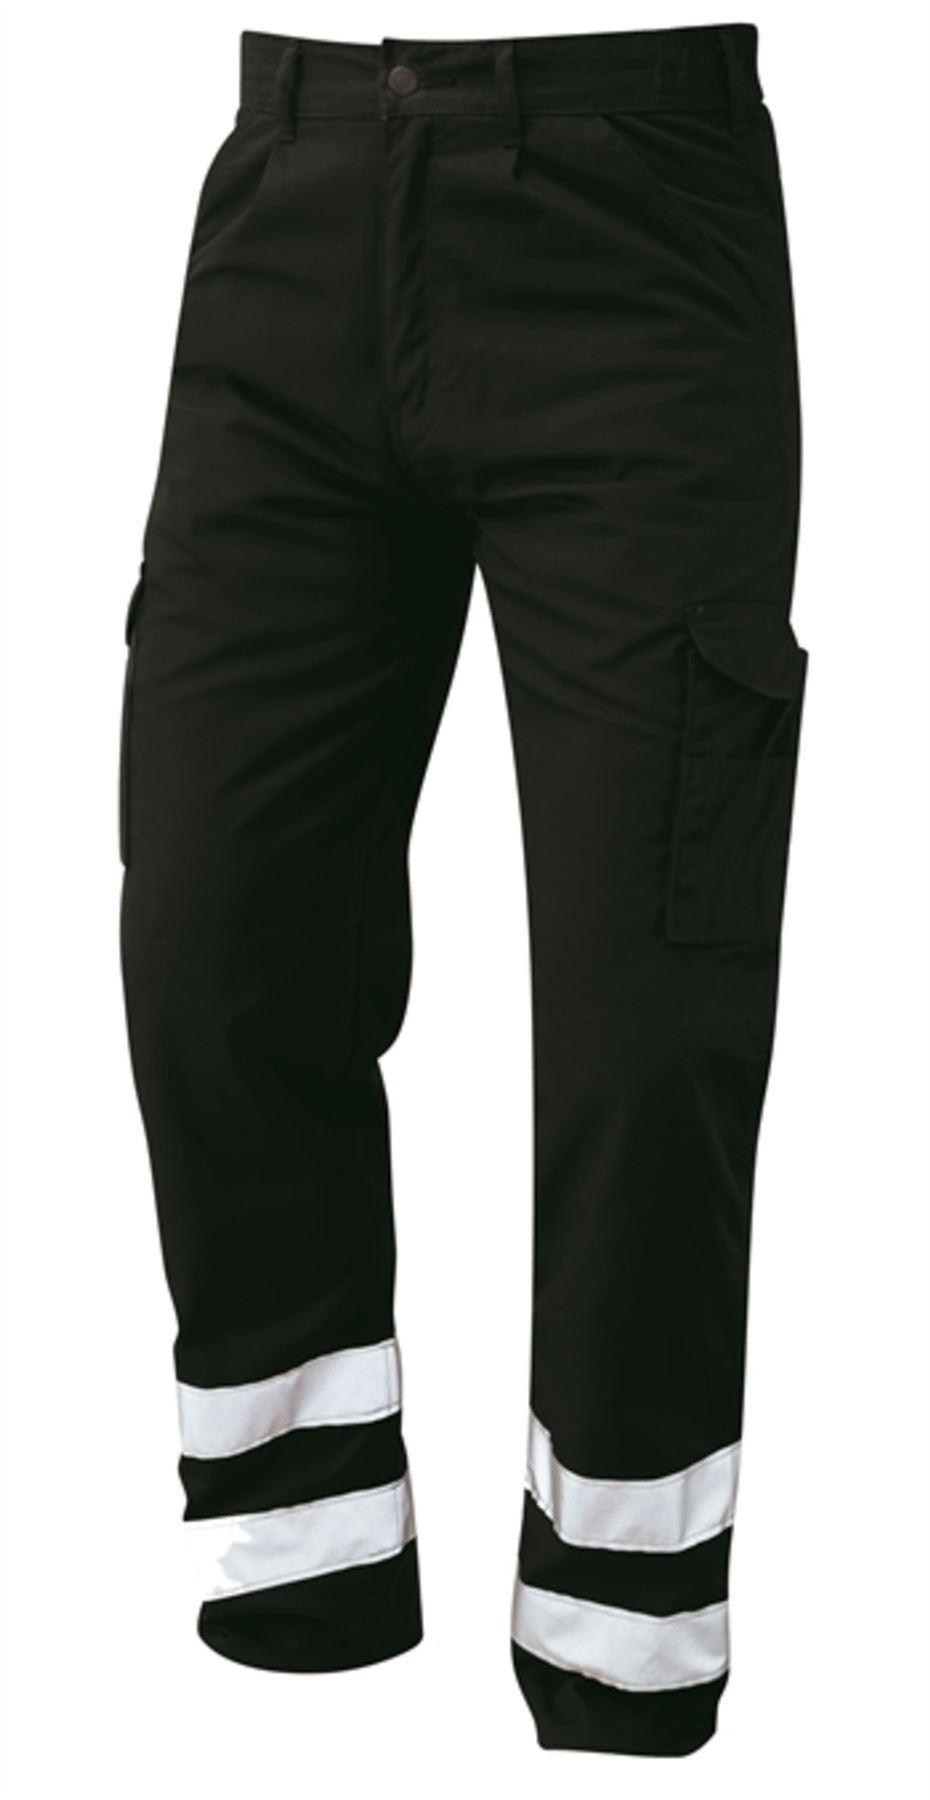 Orn Condor Hi Vis Kneepad Trousers - Black|58W35L